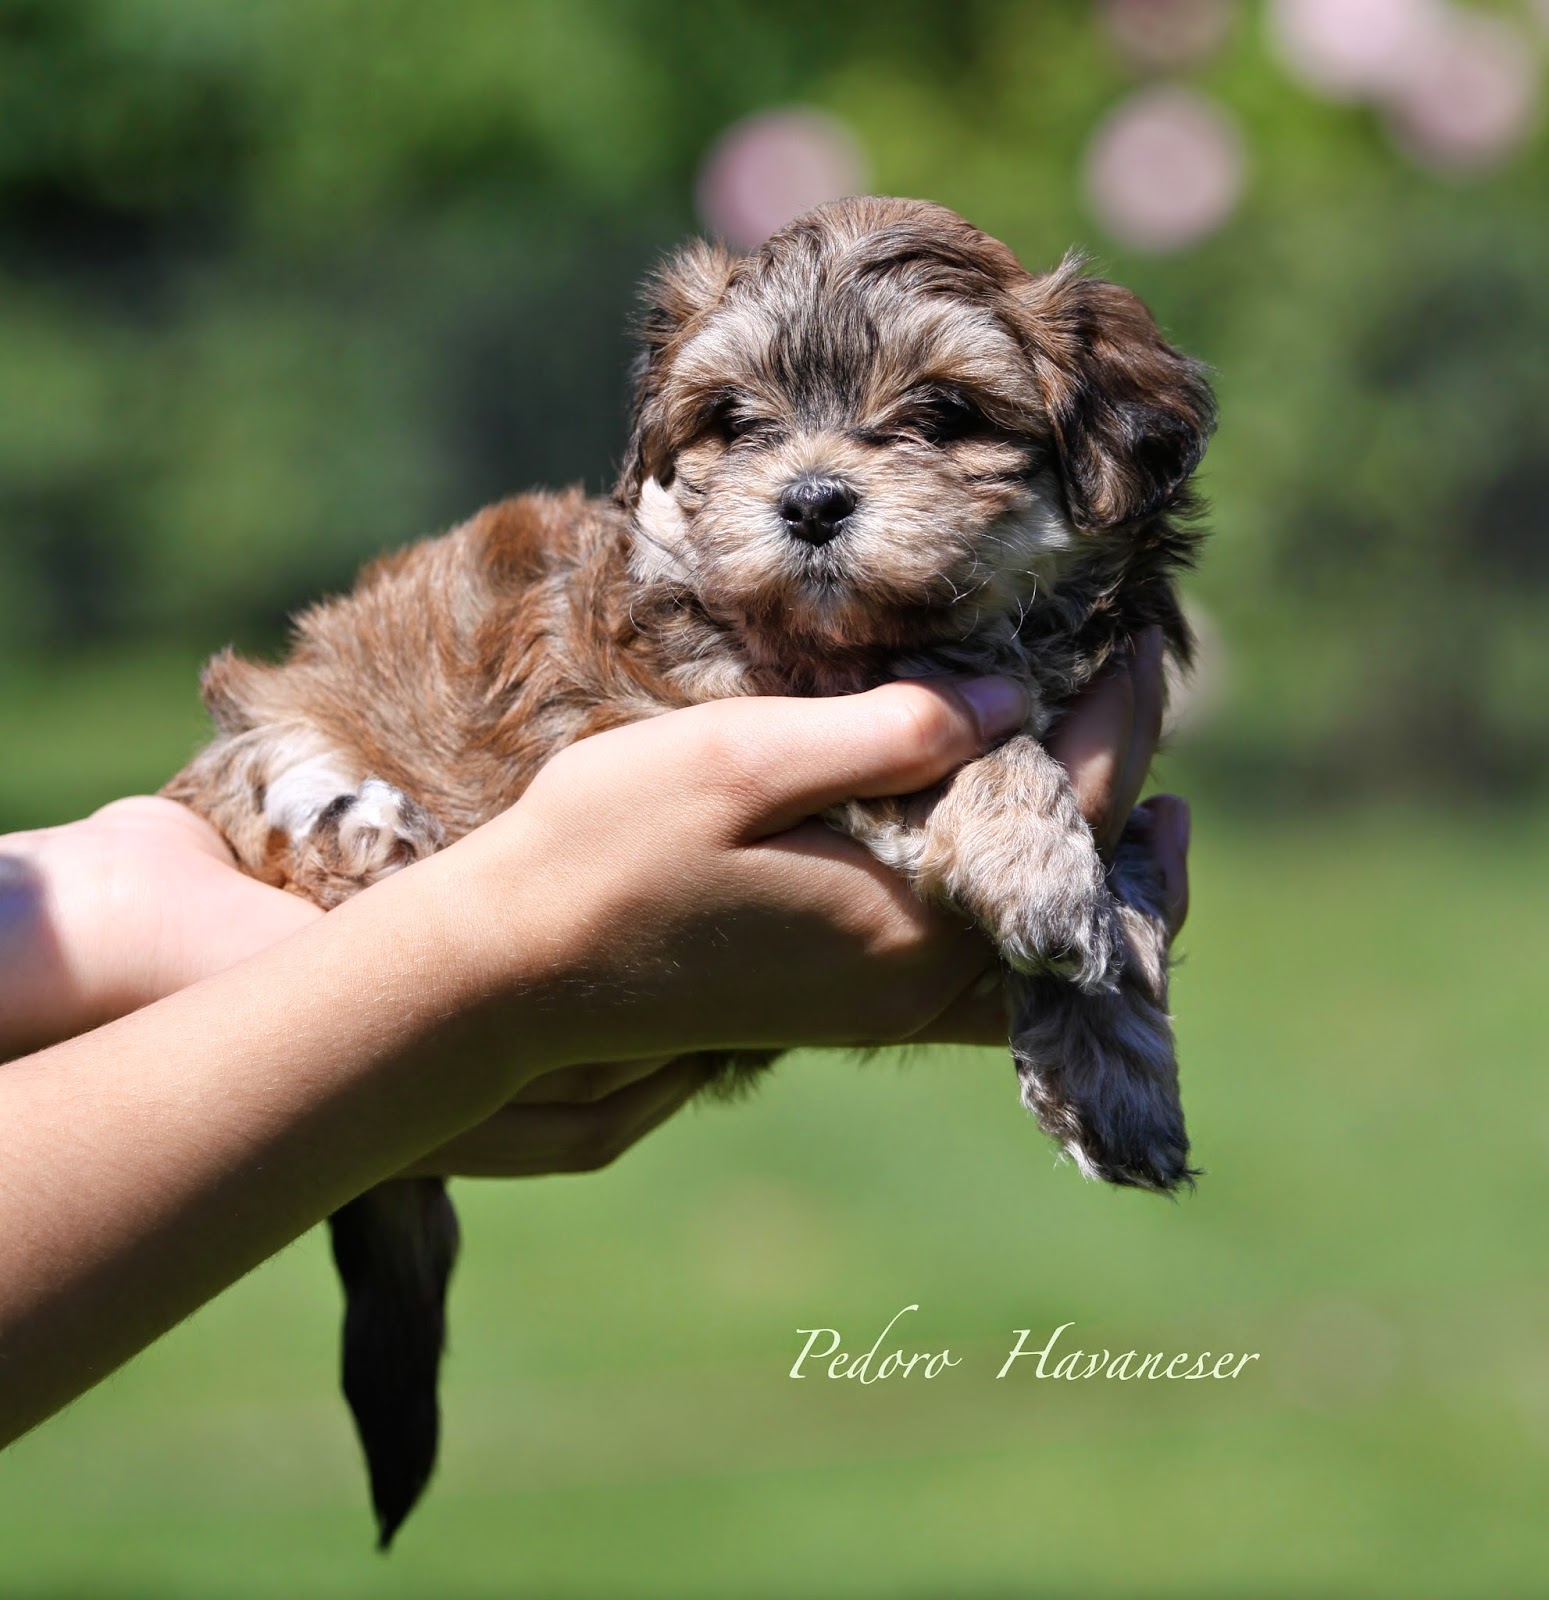 Havaneser Welpen VDH Kleinhund Fotos - Bilder - PEDORO HAVANESER